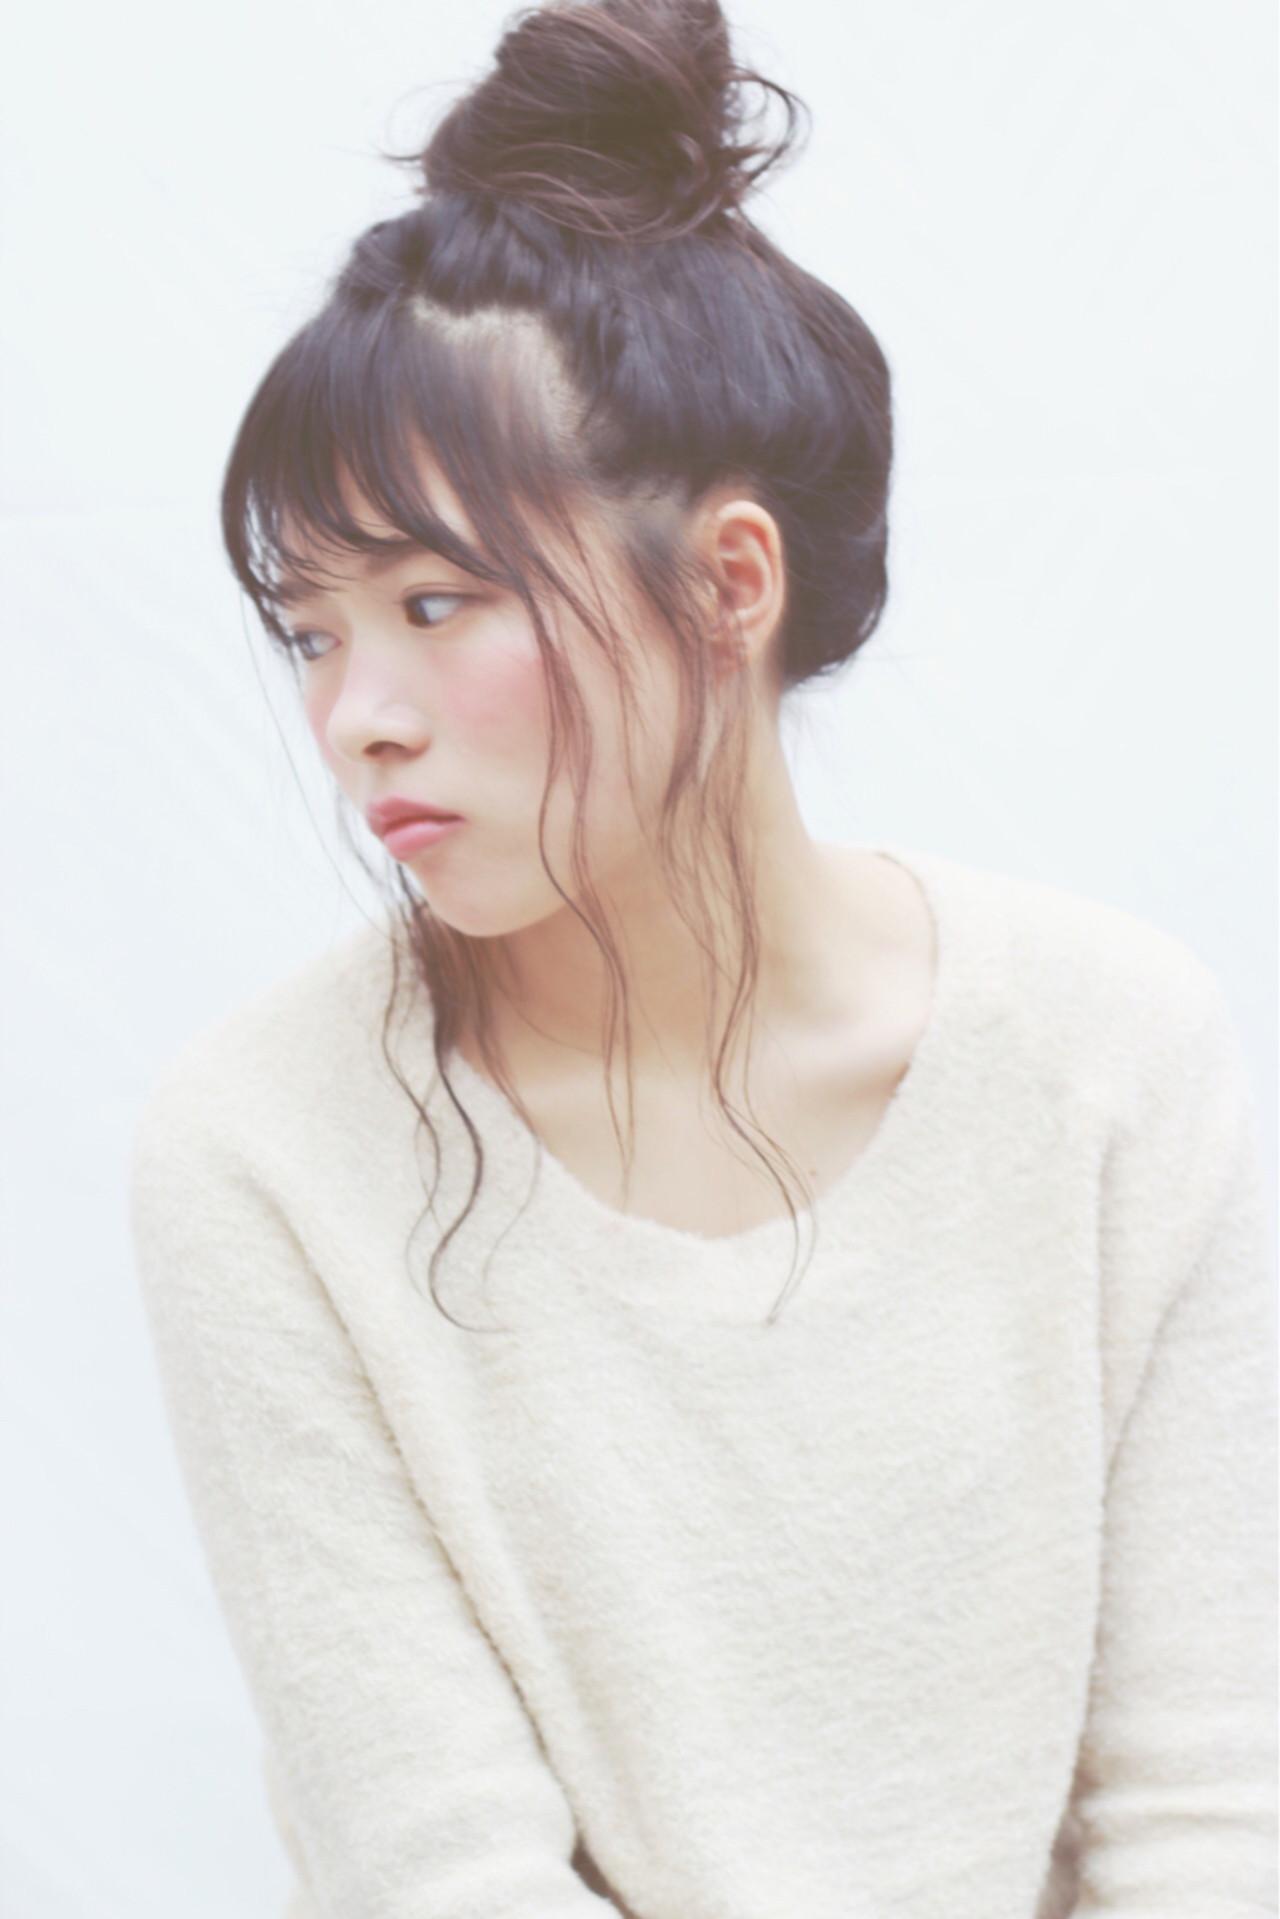 [詳しい方法付き]毎日をオシャレに飾りたい!誰でもできる簡単ヘアアレンジ特集 出典:大谷 伶美 / soin de brace